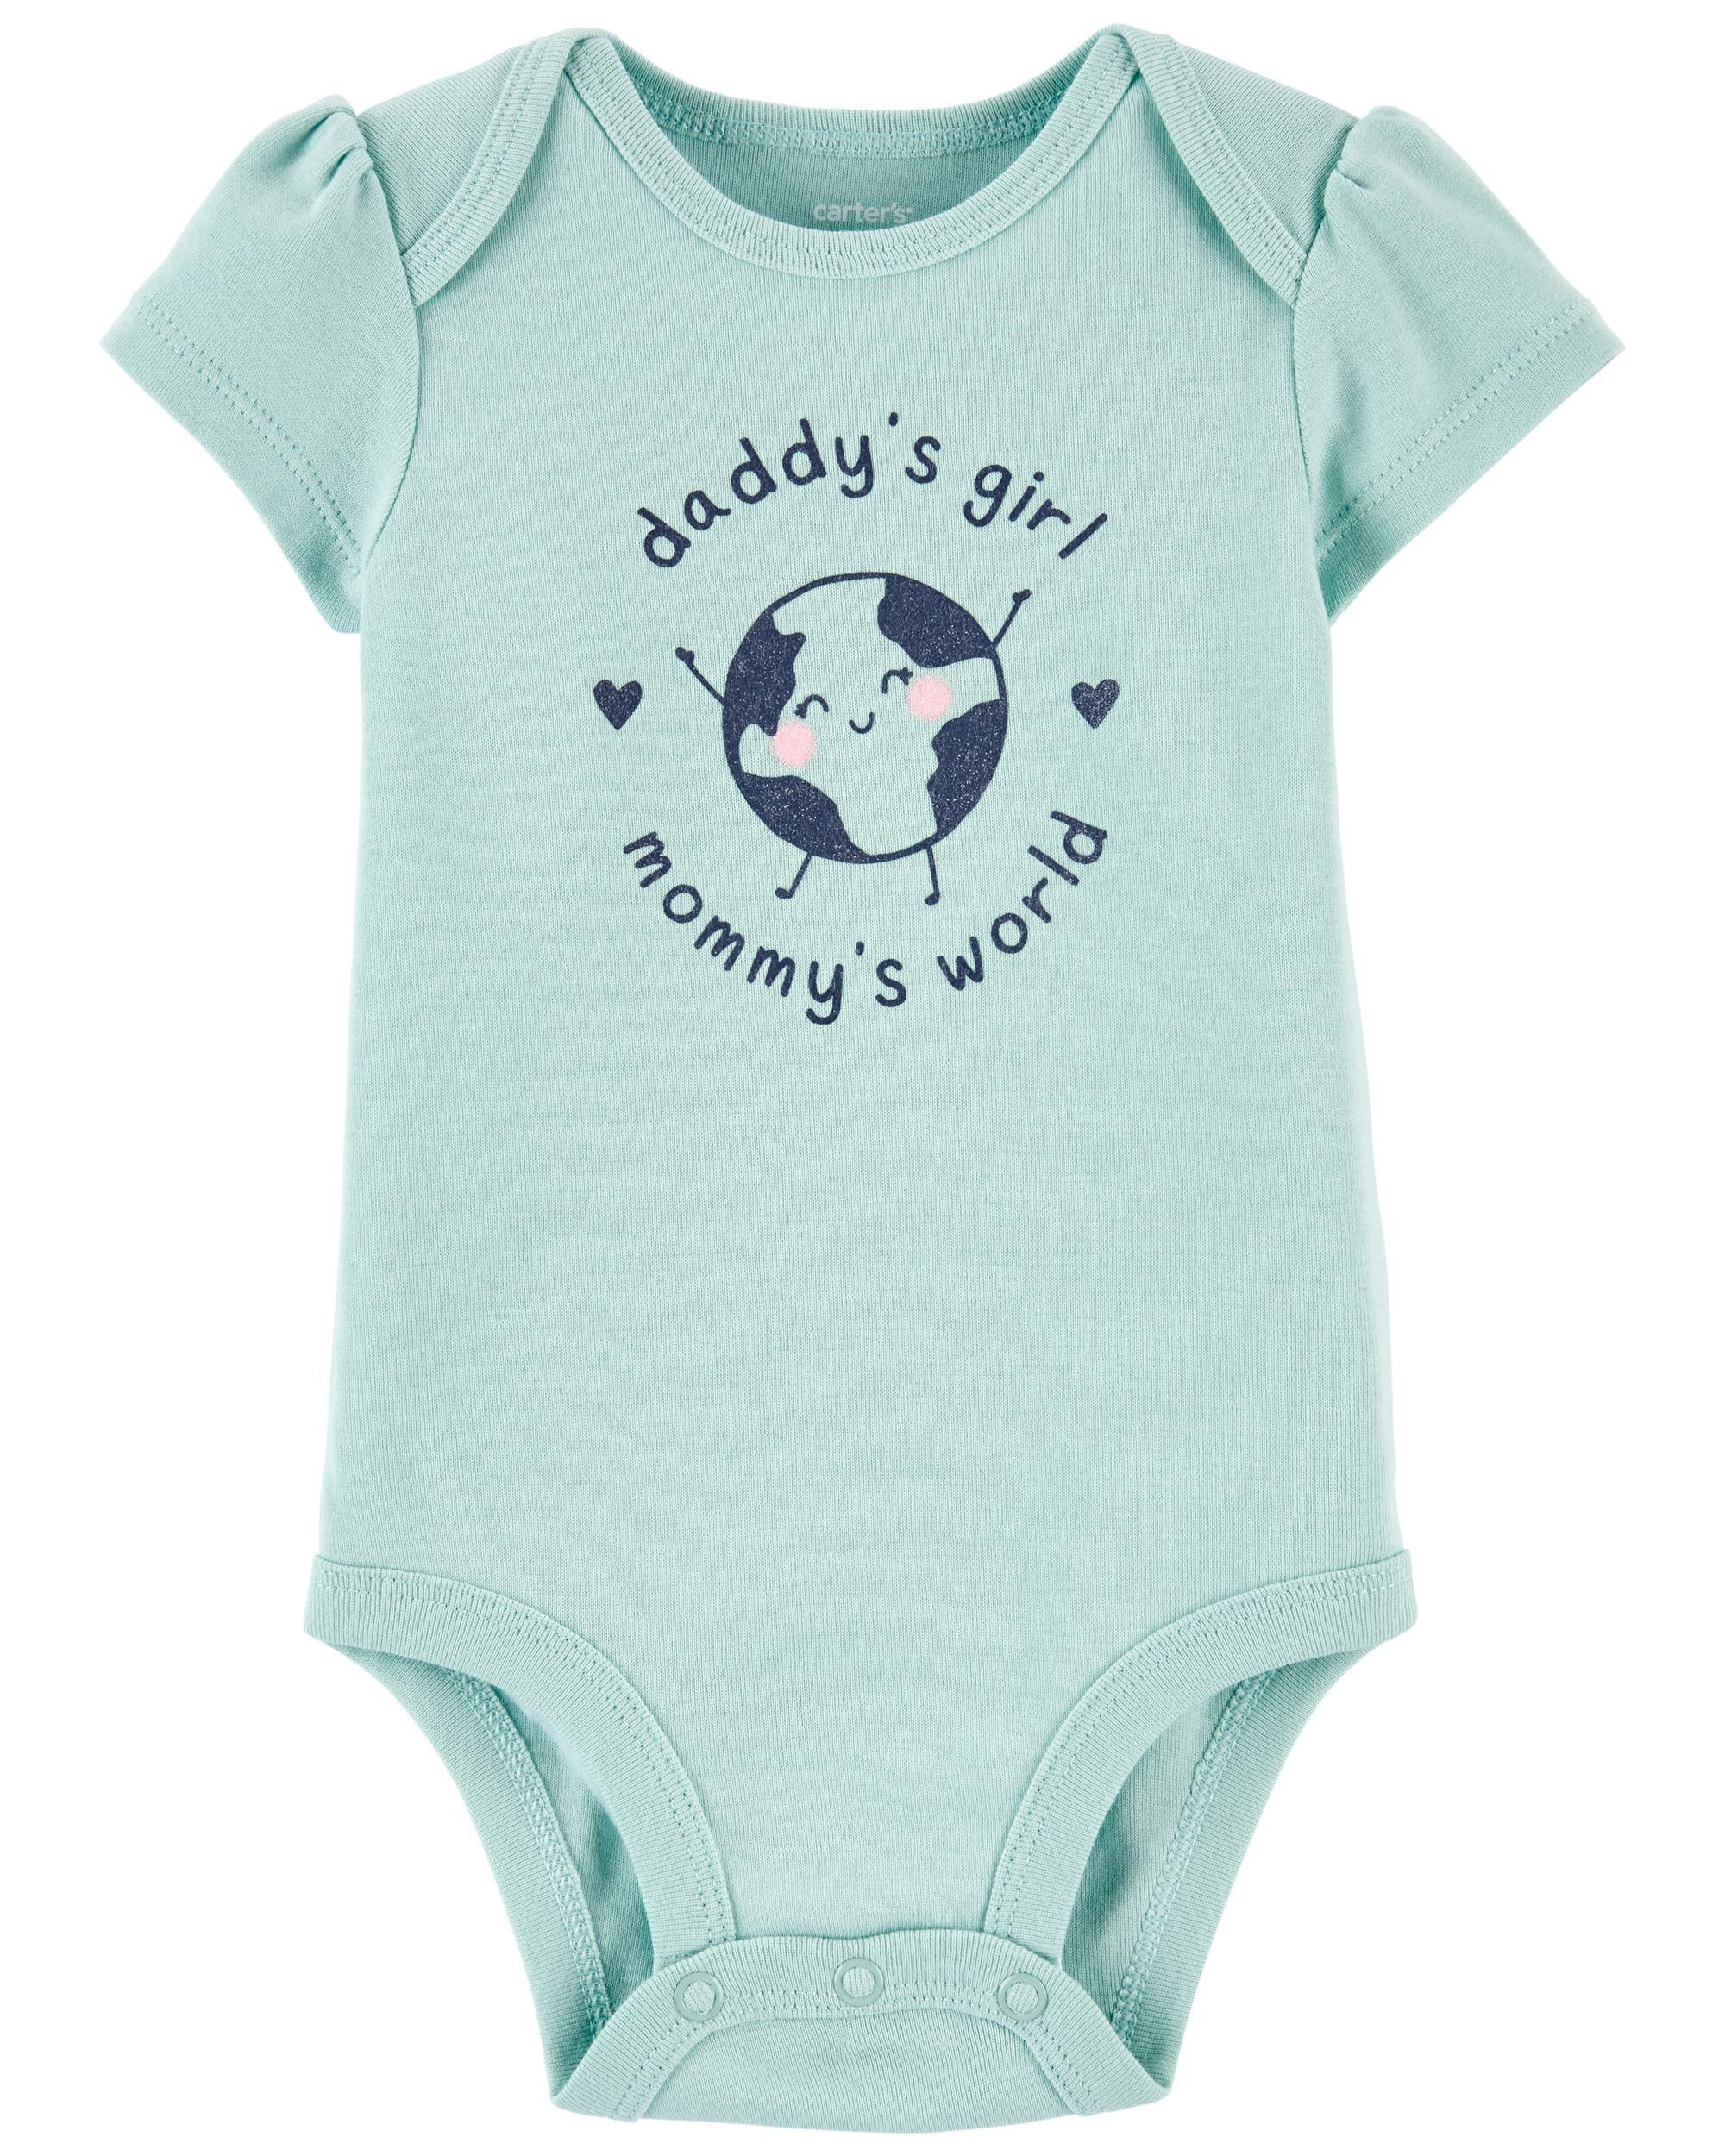 Carters Daddys Girl Original Bodysuit